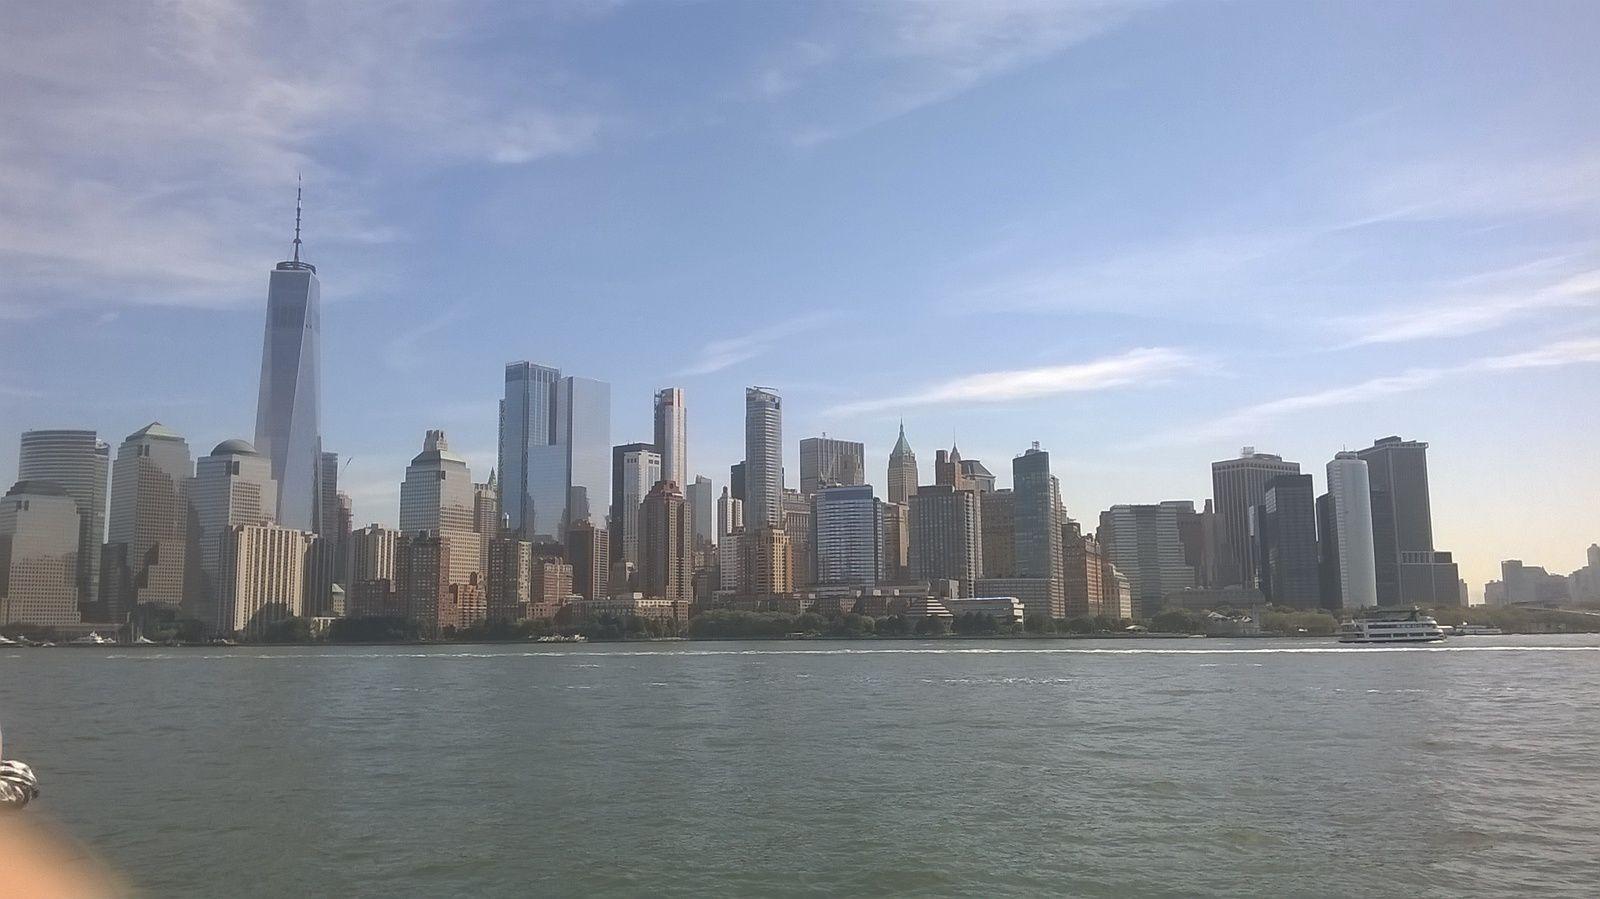 Croisière sur la baie de New York.